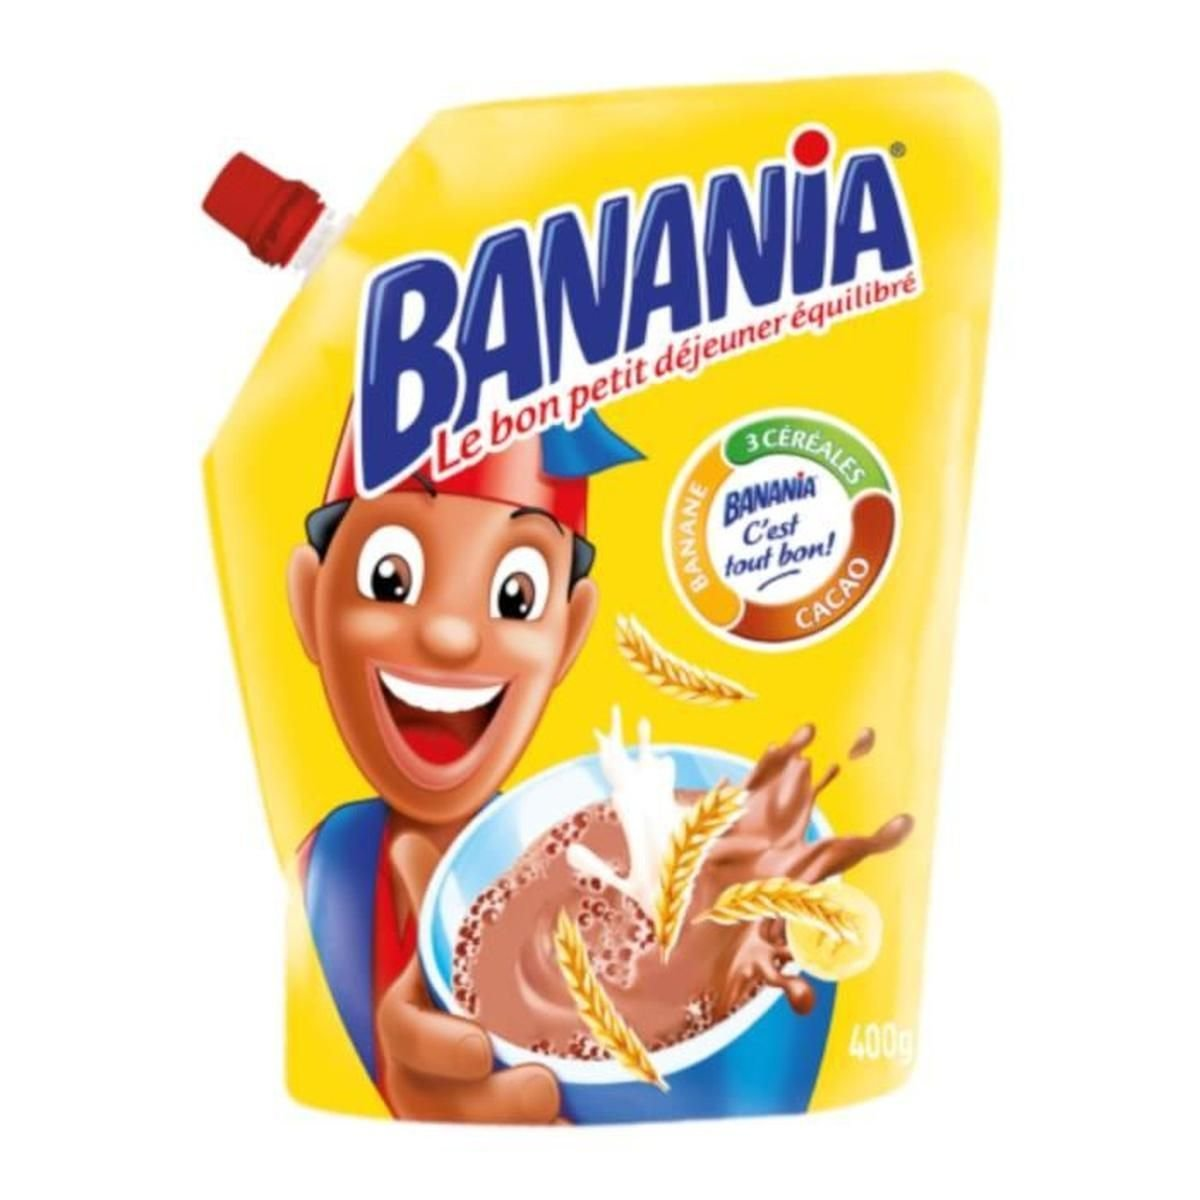 法國直送 - BANANIA - 朱古力飲品沖粉  - 1kg